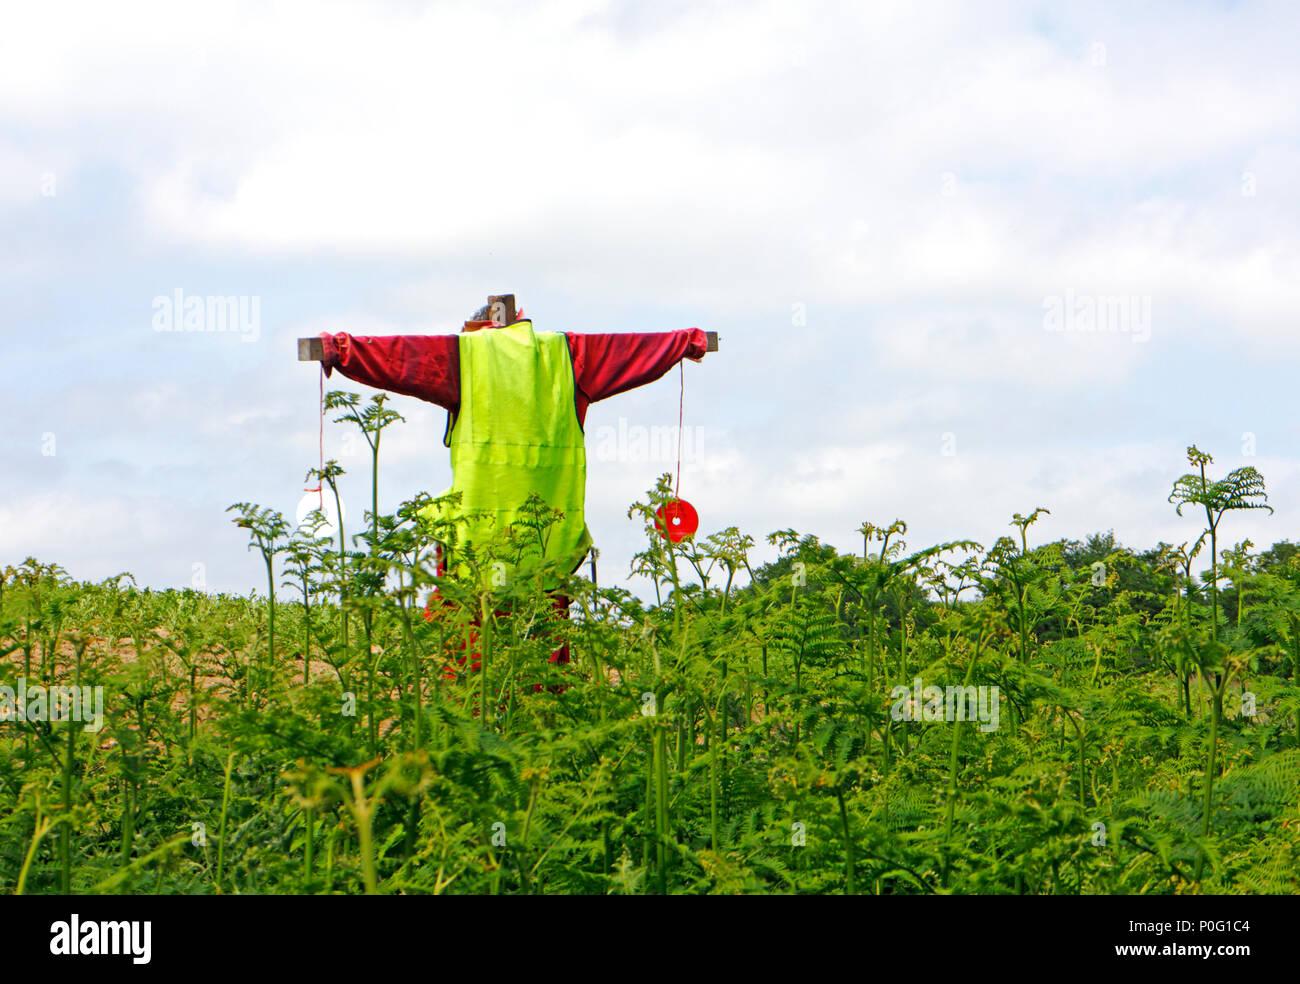 Uno spaventapasseri in corrispondenza di un bordo di campo da un seminativo su una farm di Norfolk a Salhouse, Norfolk, Inghilterra, Regno Unito, Europa. Immagini Stock